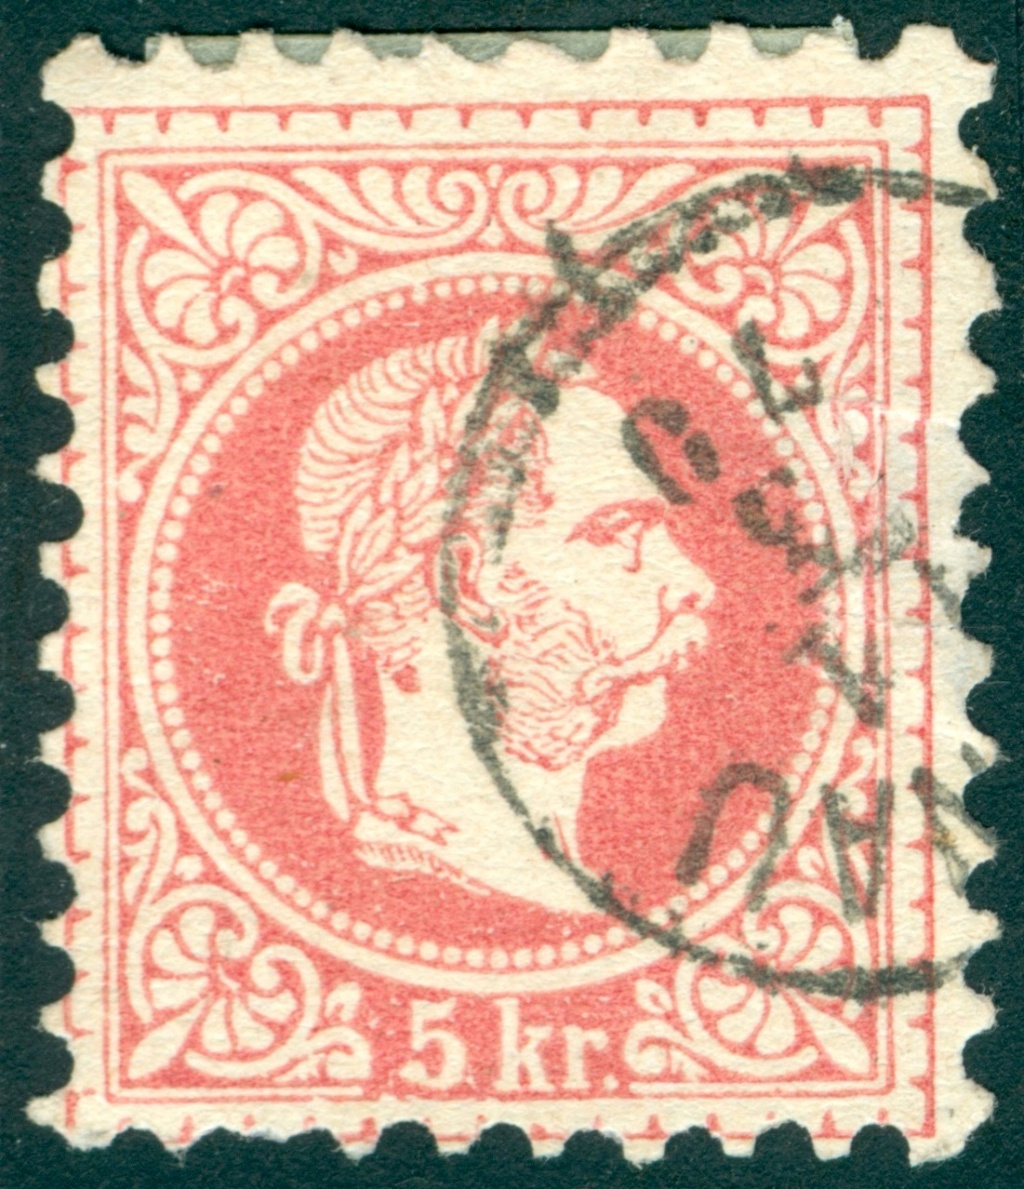 ungarn - Freimarken-Ausgabe 1867 : Kopfbildnis Kaiser Franz Joseph I - Seite 22 5_kr_t11